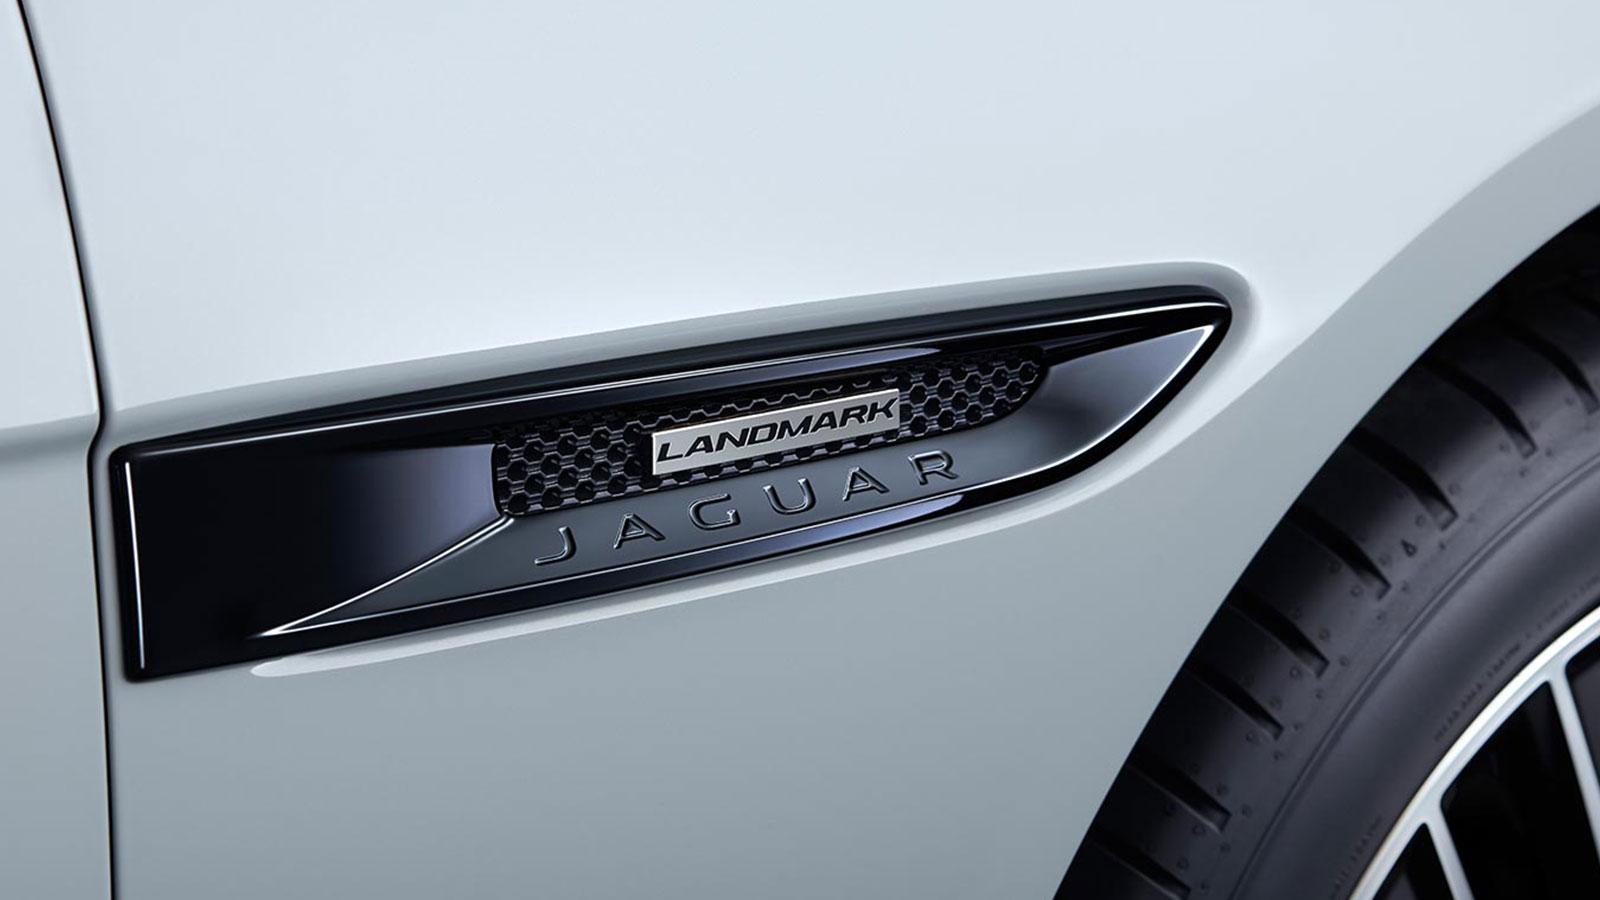 Jaguar XE 2.0 S image 11